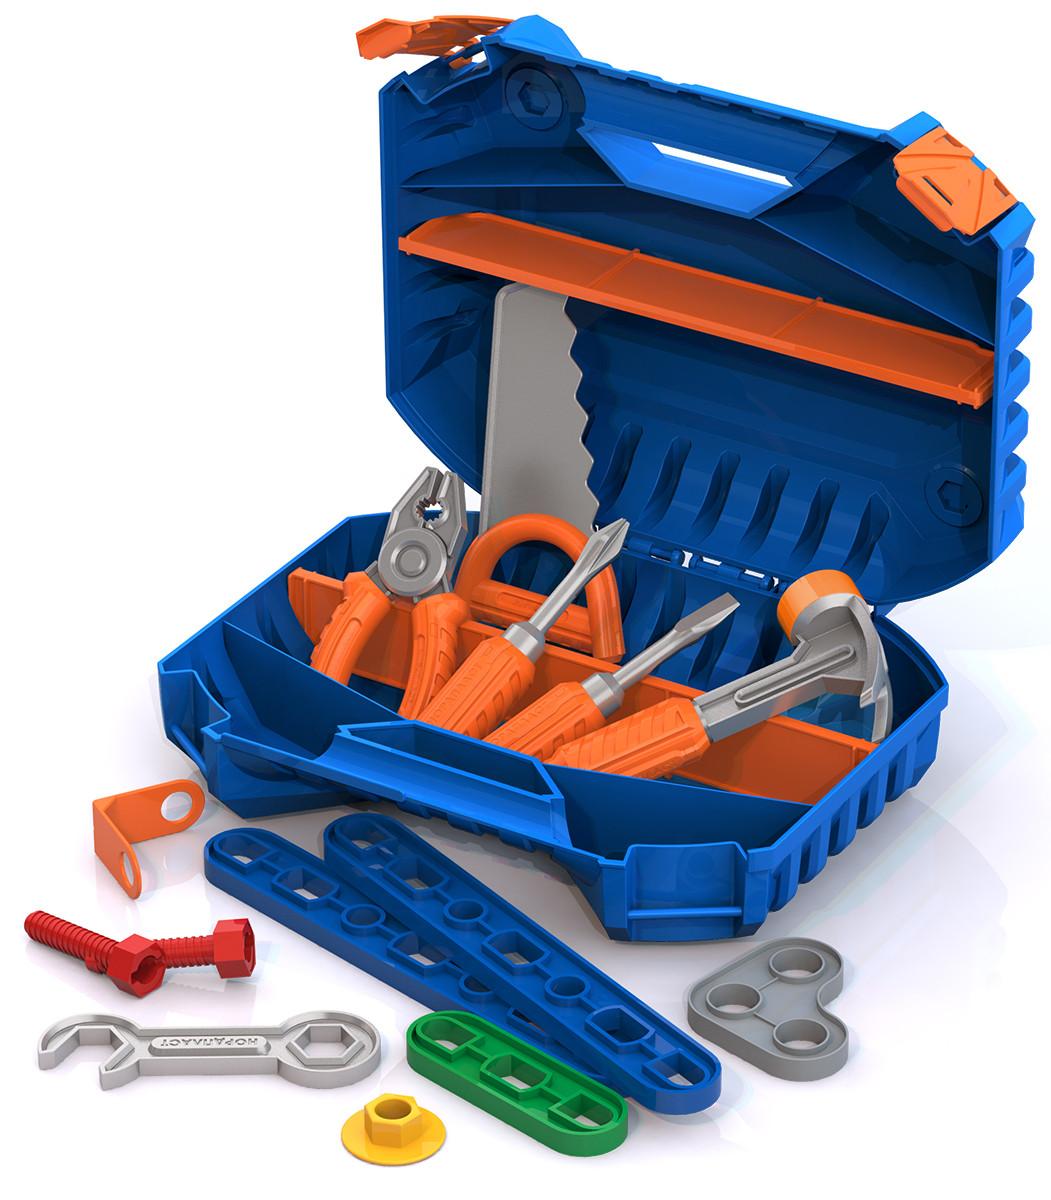 Купить НОРДПЛАСТ Набор инструментов с конструктором [545H], 300 x 220 x 90 мм, пластик, Детские наборы инструментов